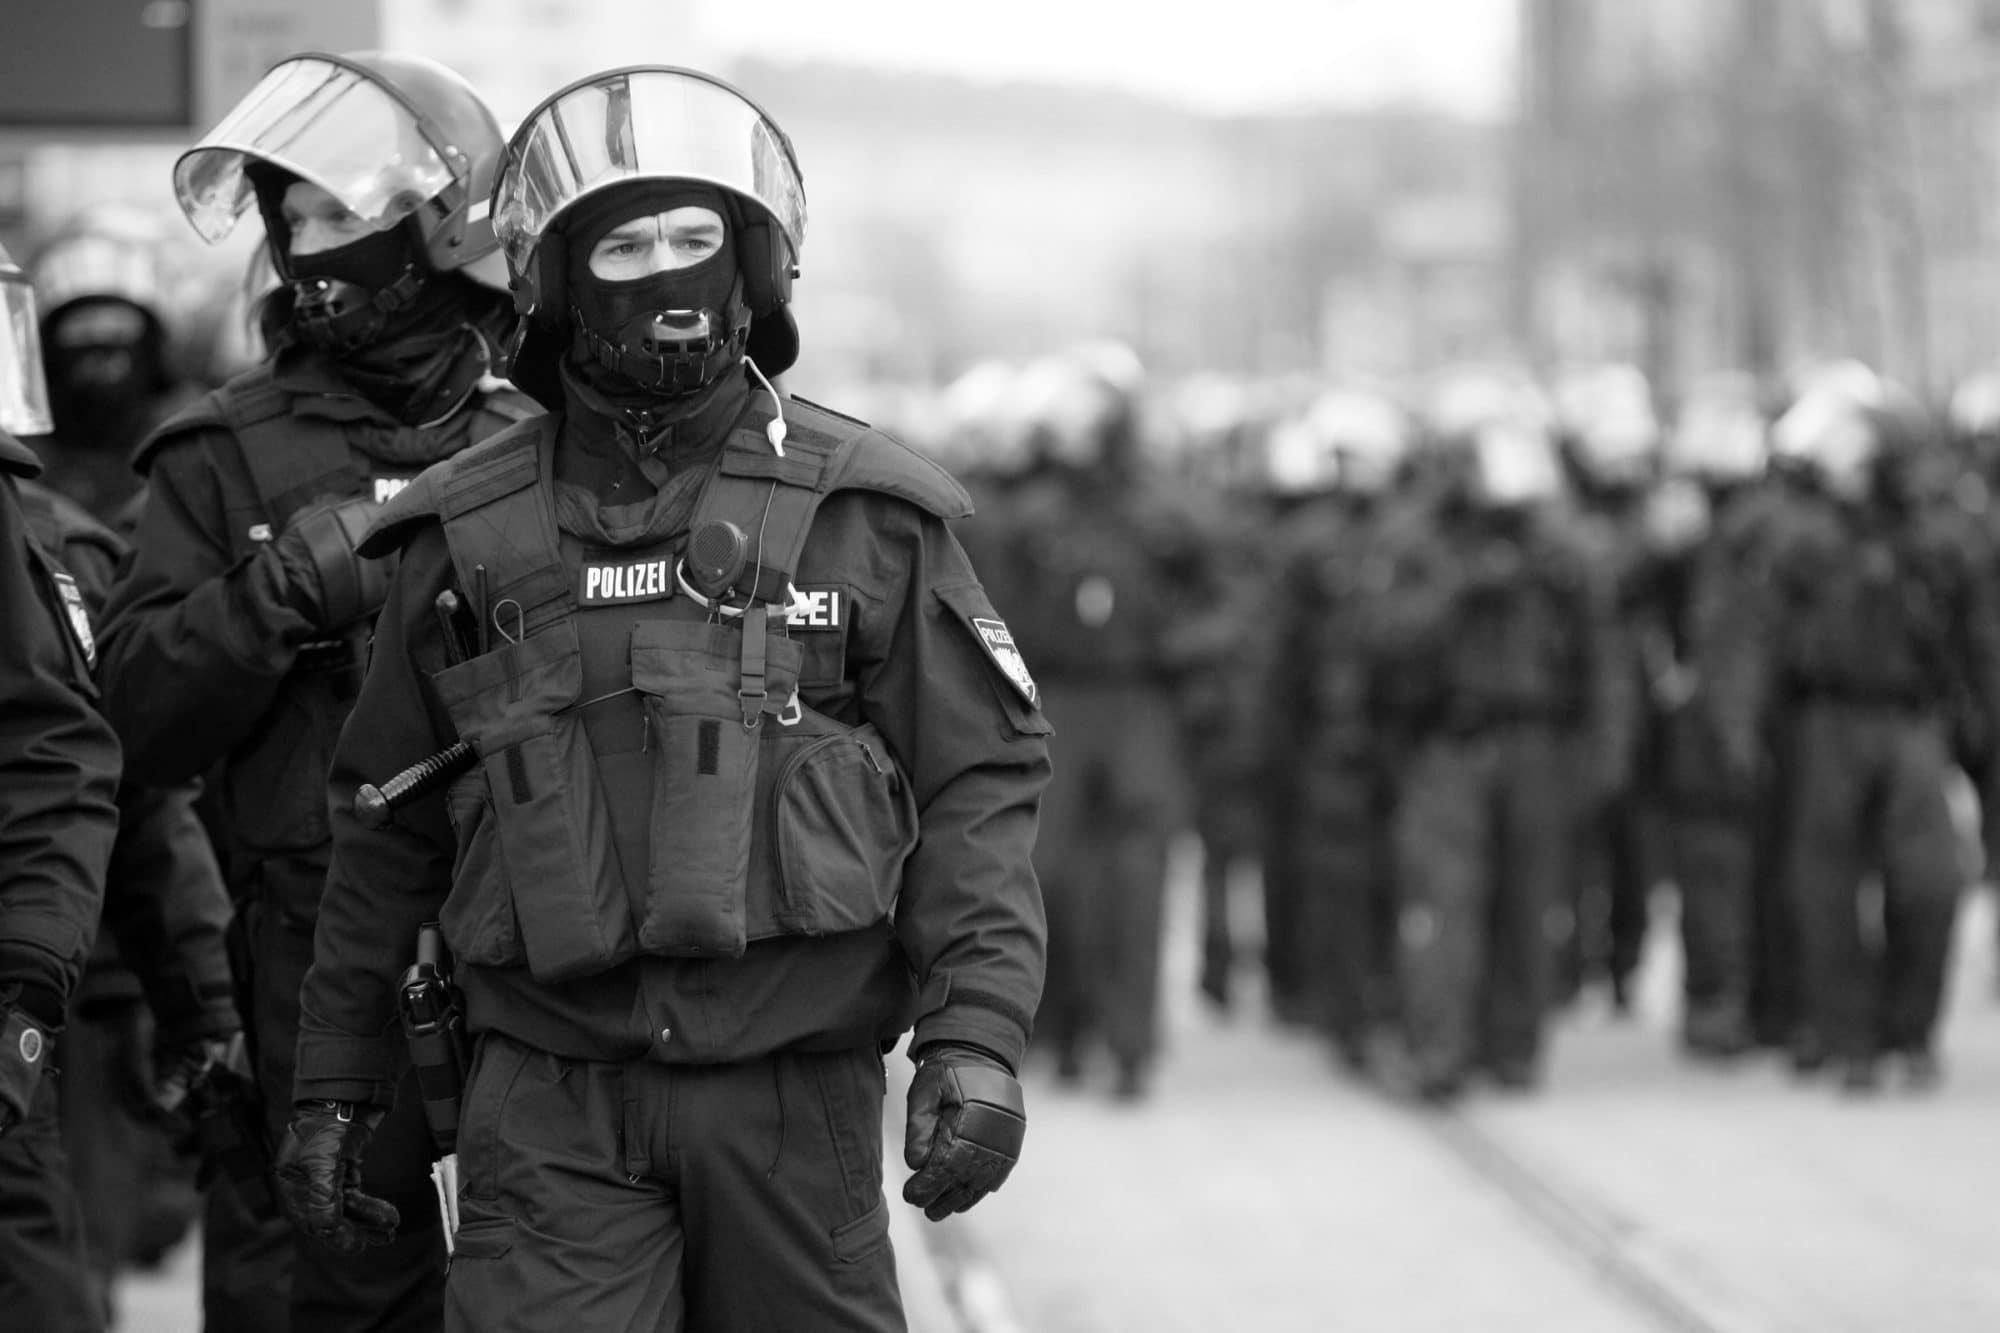 TW1000 Law Enforcement